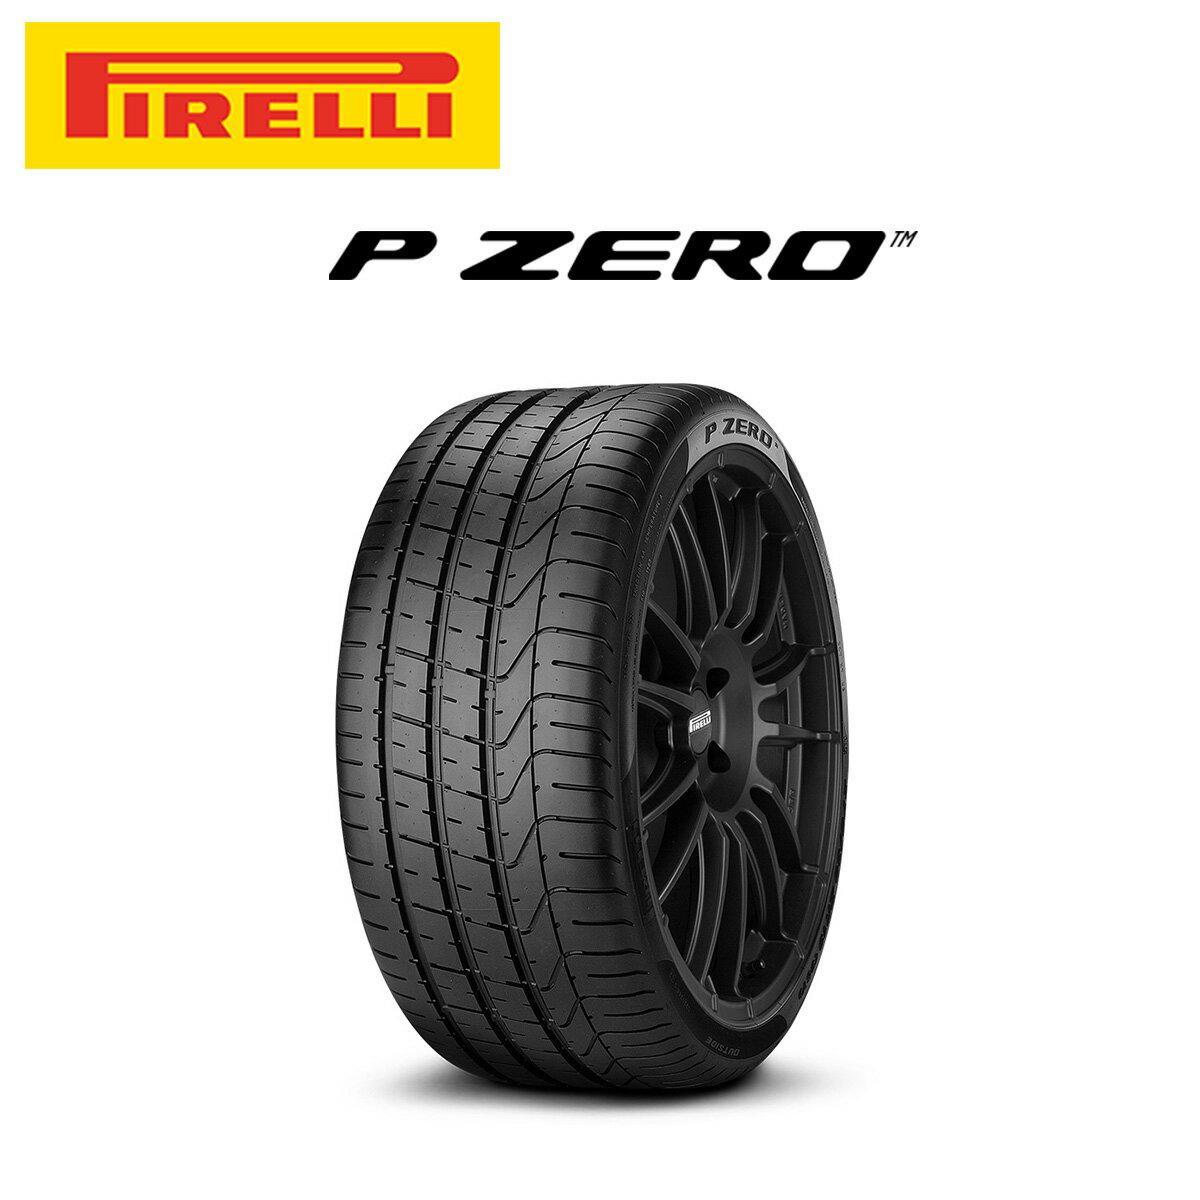 ピレリ PIRELLI P ZERO ピーゼロ 21インチ サマー タイヤ 4本 セット 265/40ZR21 105Y XL B:ベントレー承認タイヤ 2540200